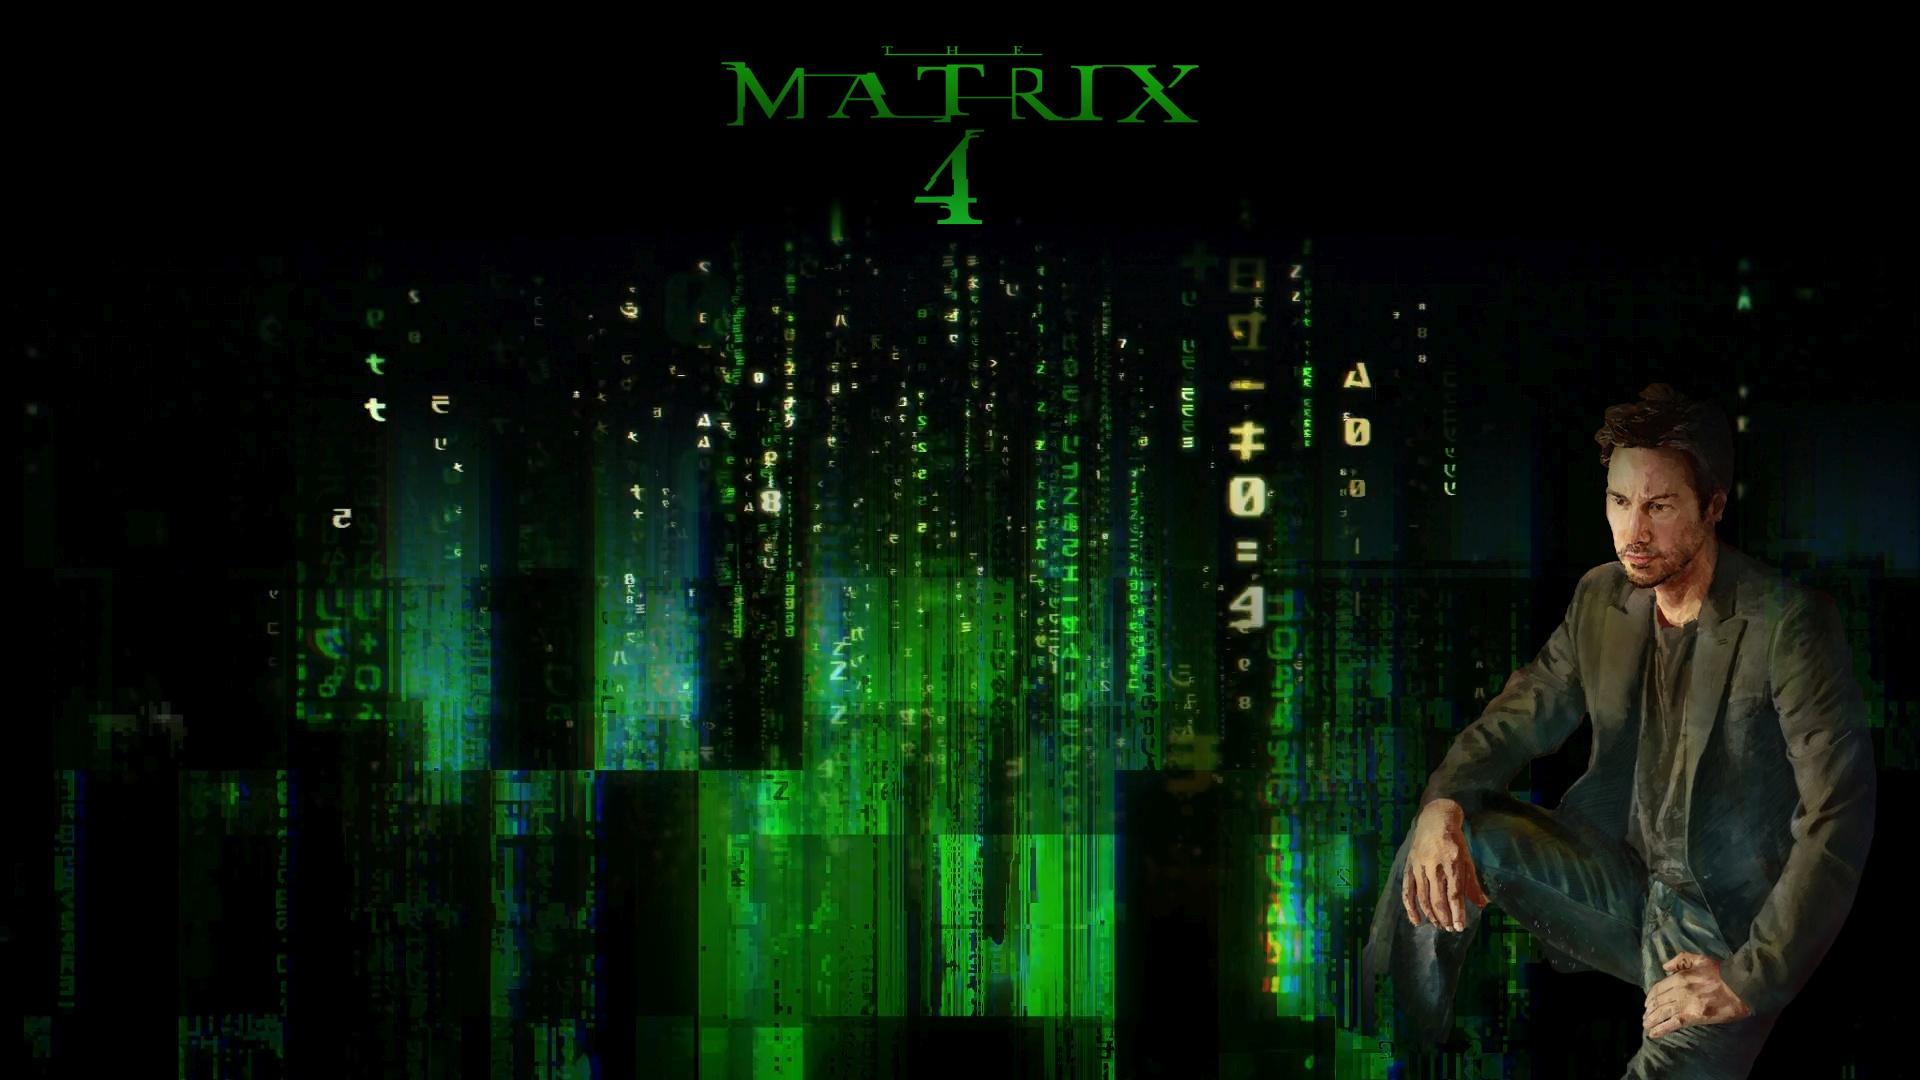 The Matrix 4 wallpaper hd